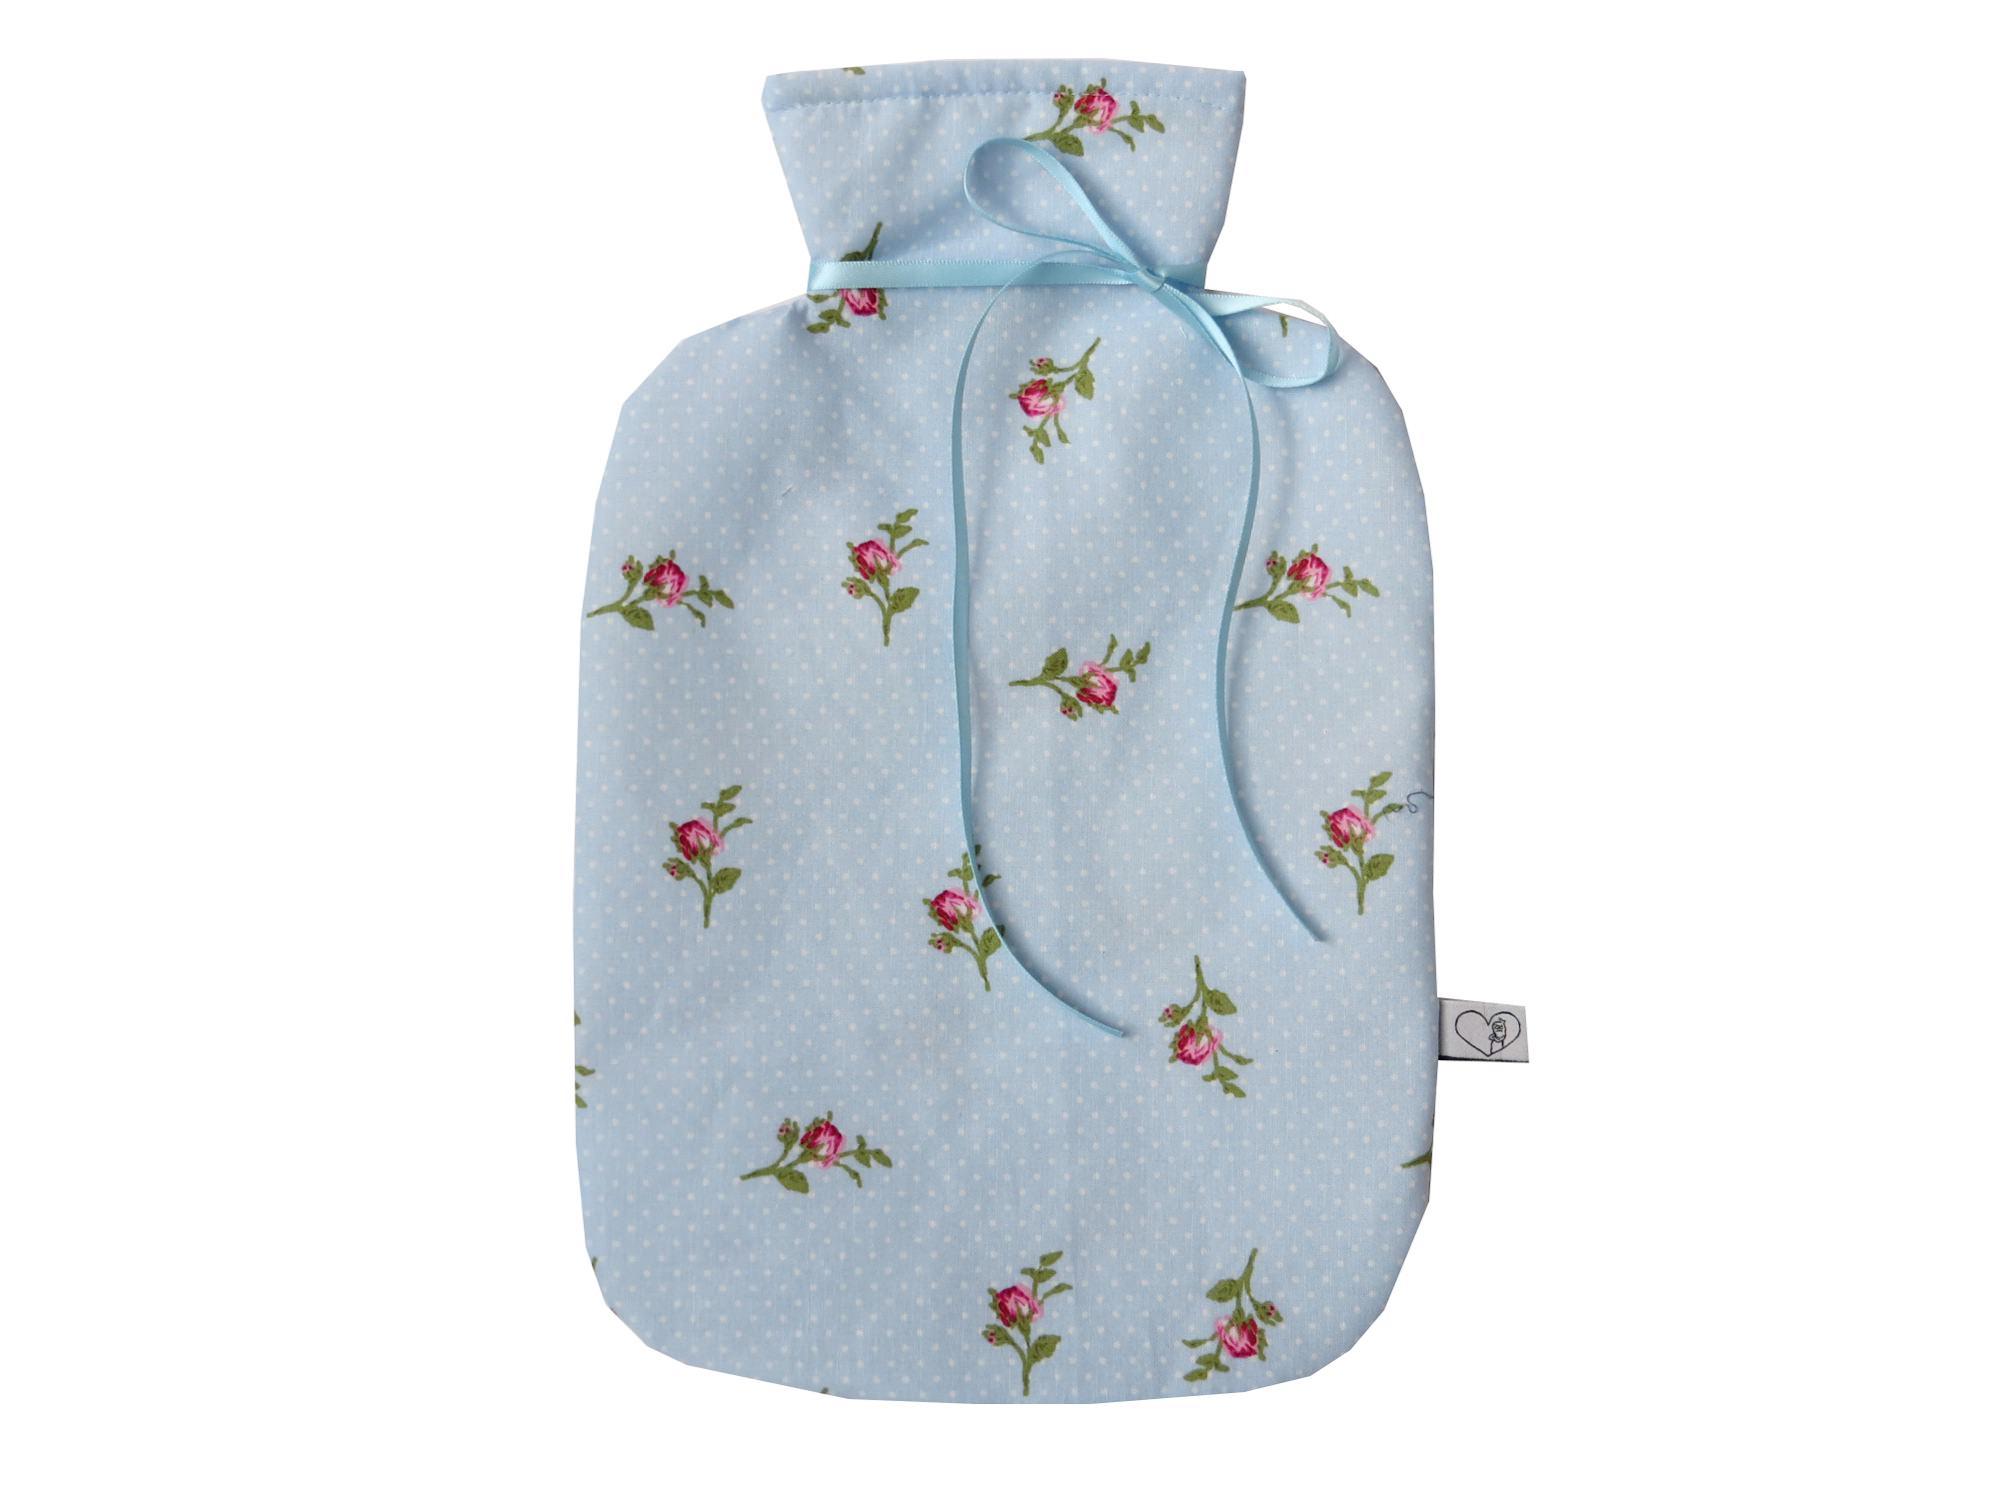 - Wärmflaschenbezug hellblau mit Rosen für 2l Wärmflasche - Wärmflaschenbezug hellblau mit Rosen für 2l Wärmflasche